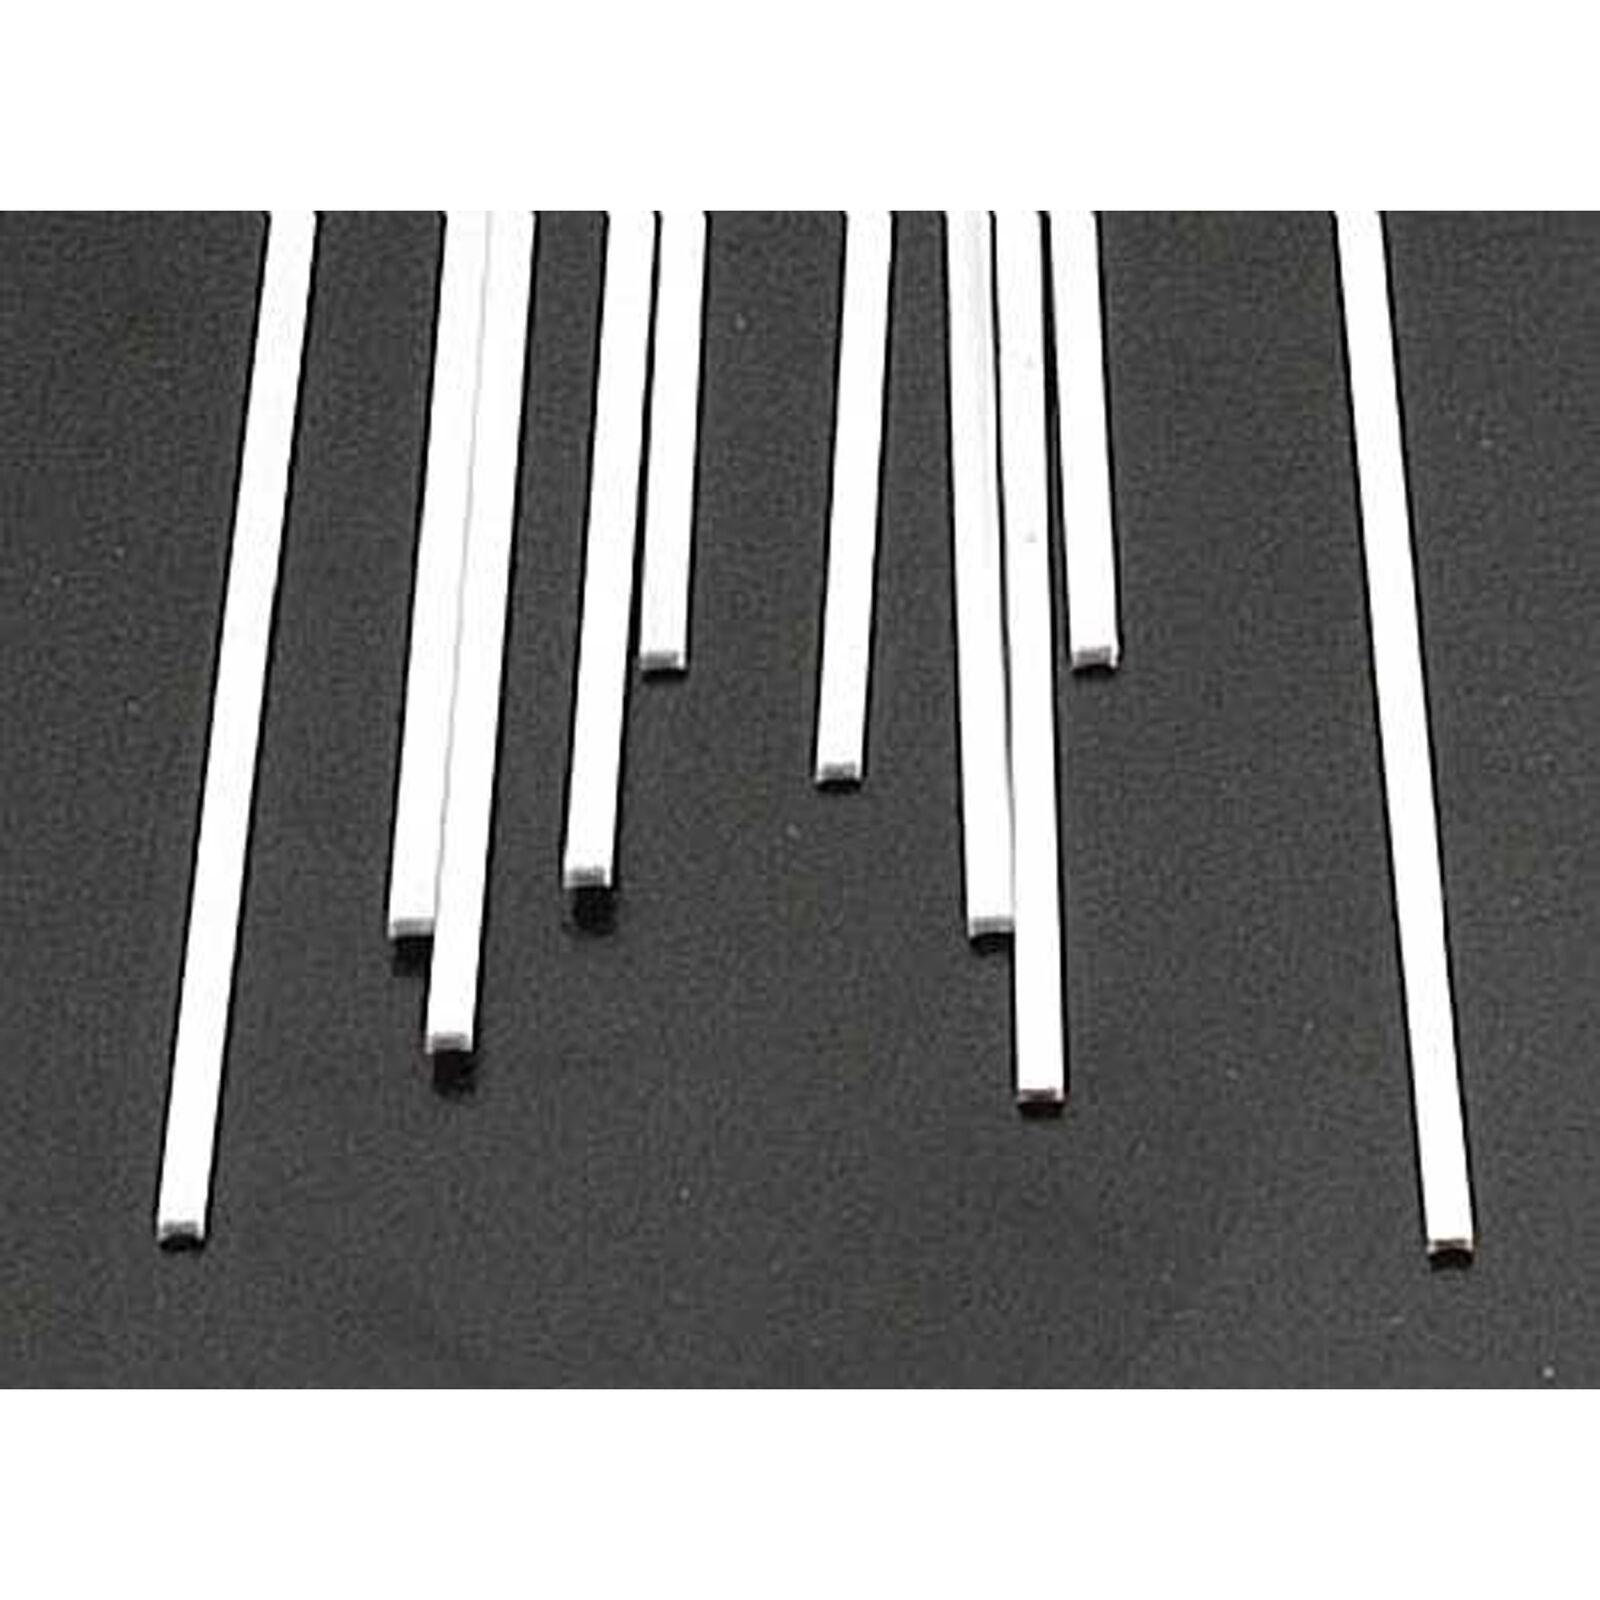 MS-406 Rect Strip,.040x.060 (10)